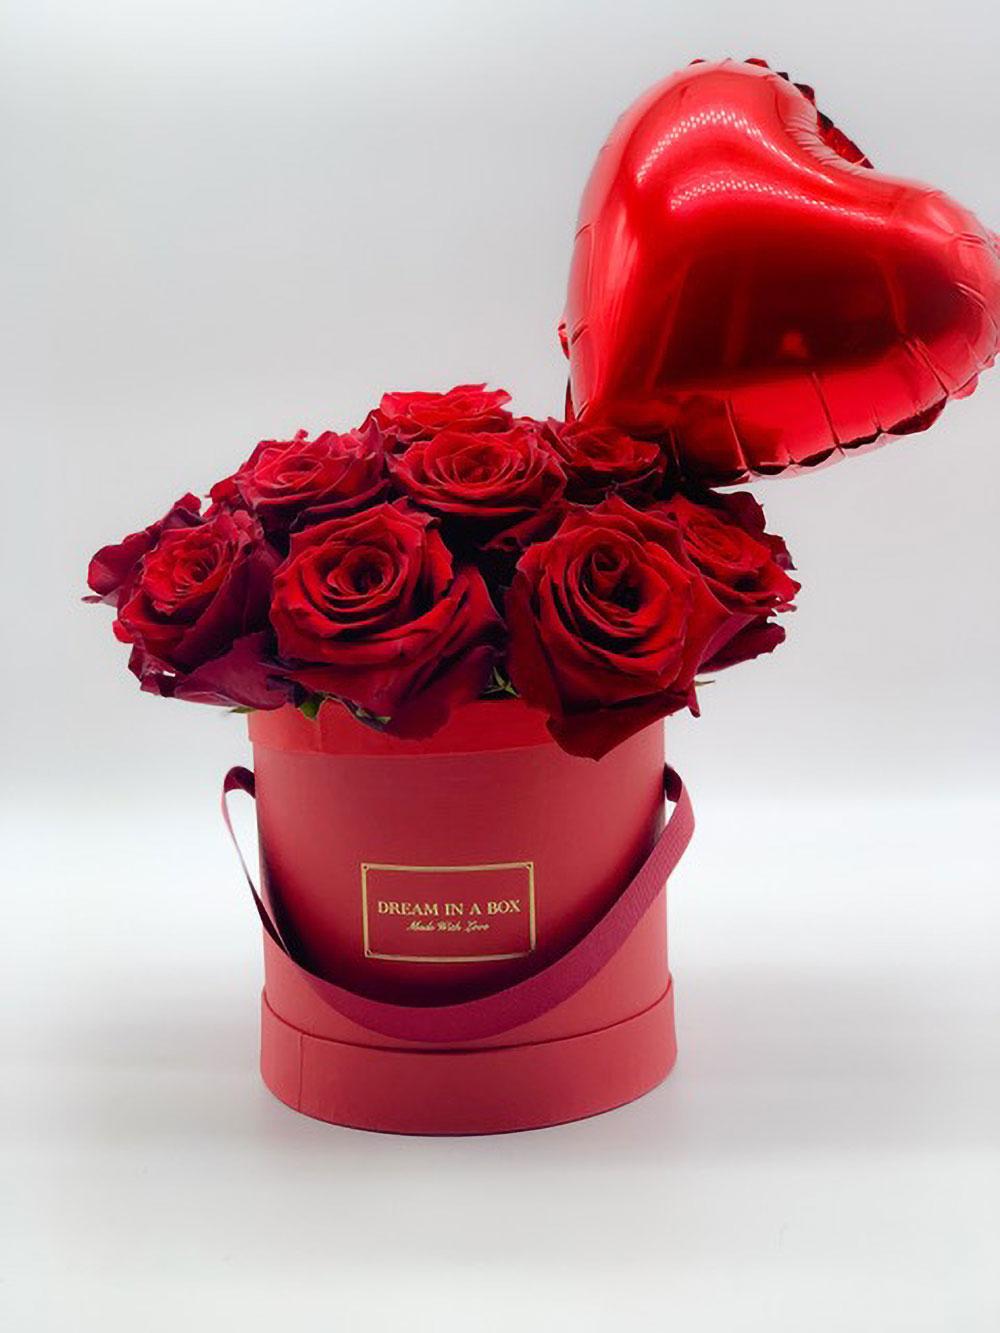 winter dream box per san valentino con rose fresche e cuore gonfiato a elio